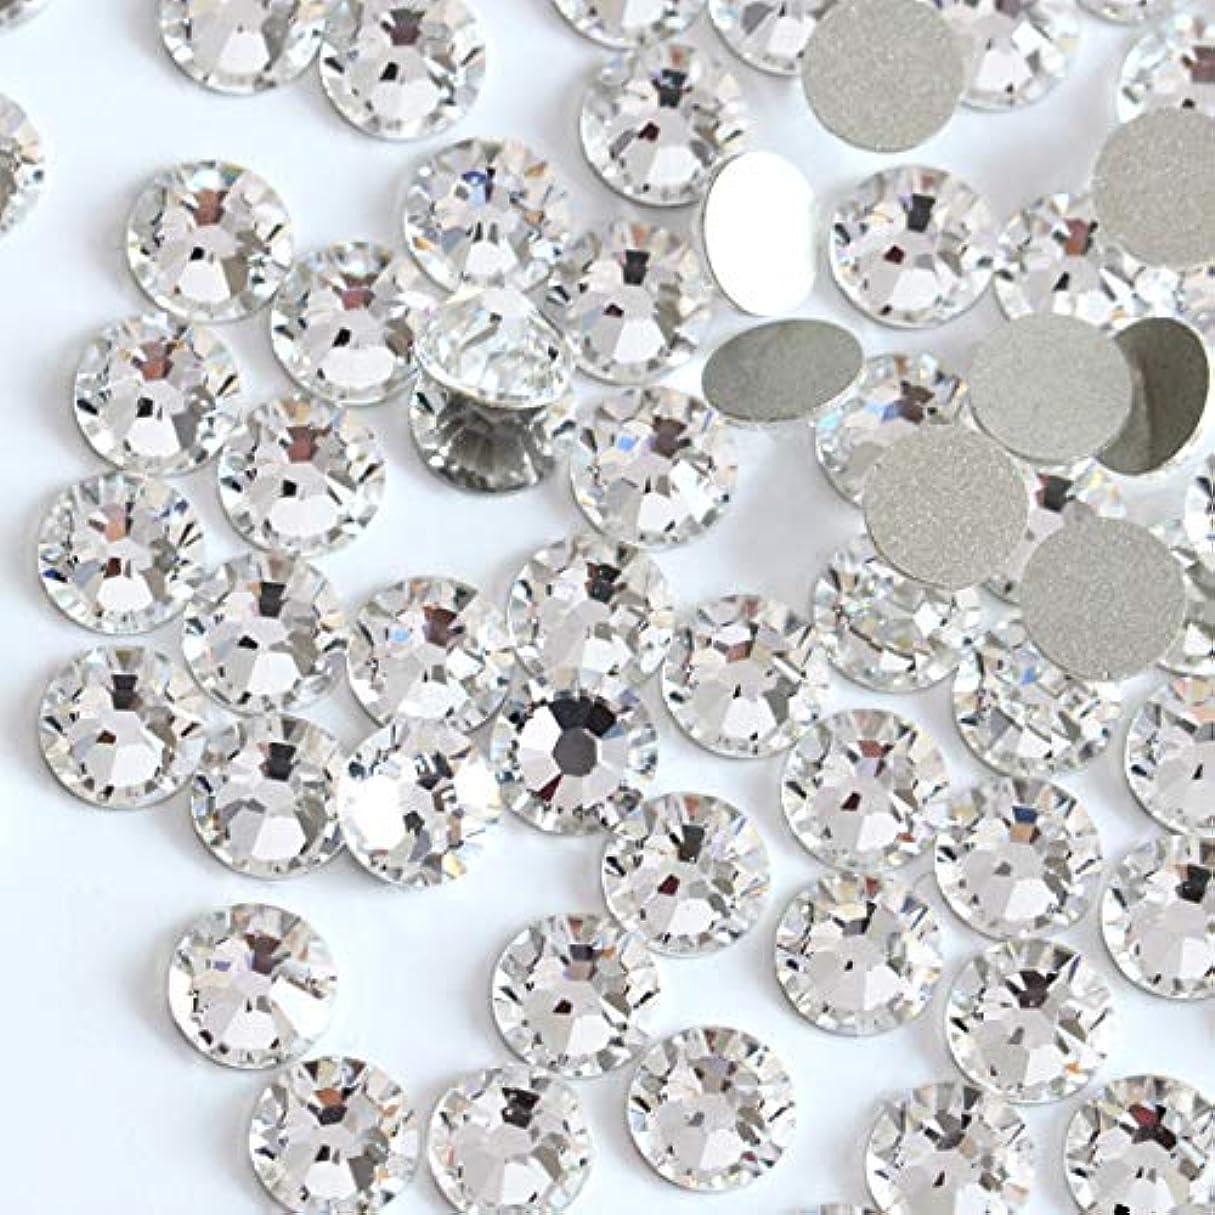 本質的ではない分子除去【ラインストーン77】高品質ガラス製ラインストーン クリスタル SS3(1.3mm)約1440粒